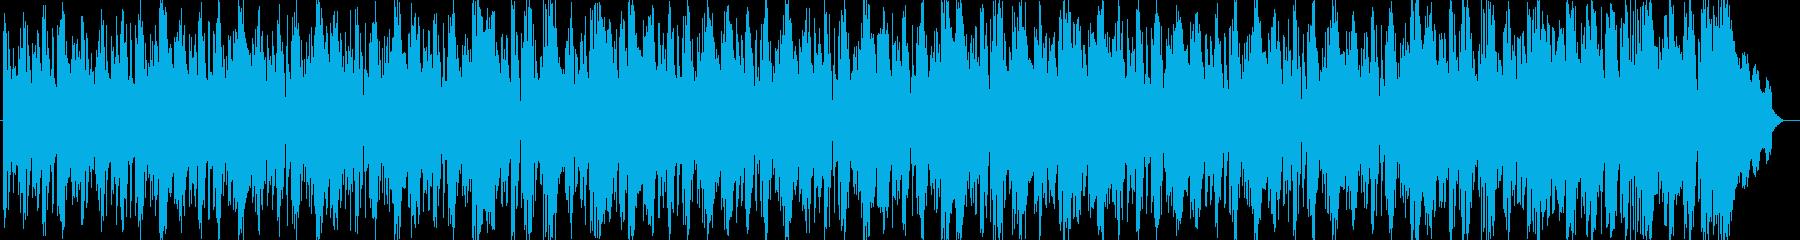 空間に放たれるタイコの一打が印象的な曲の再生済みの波形